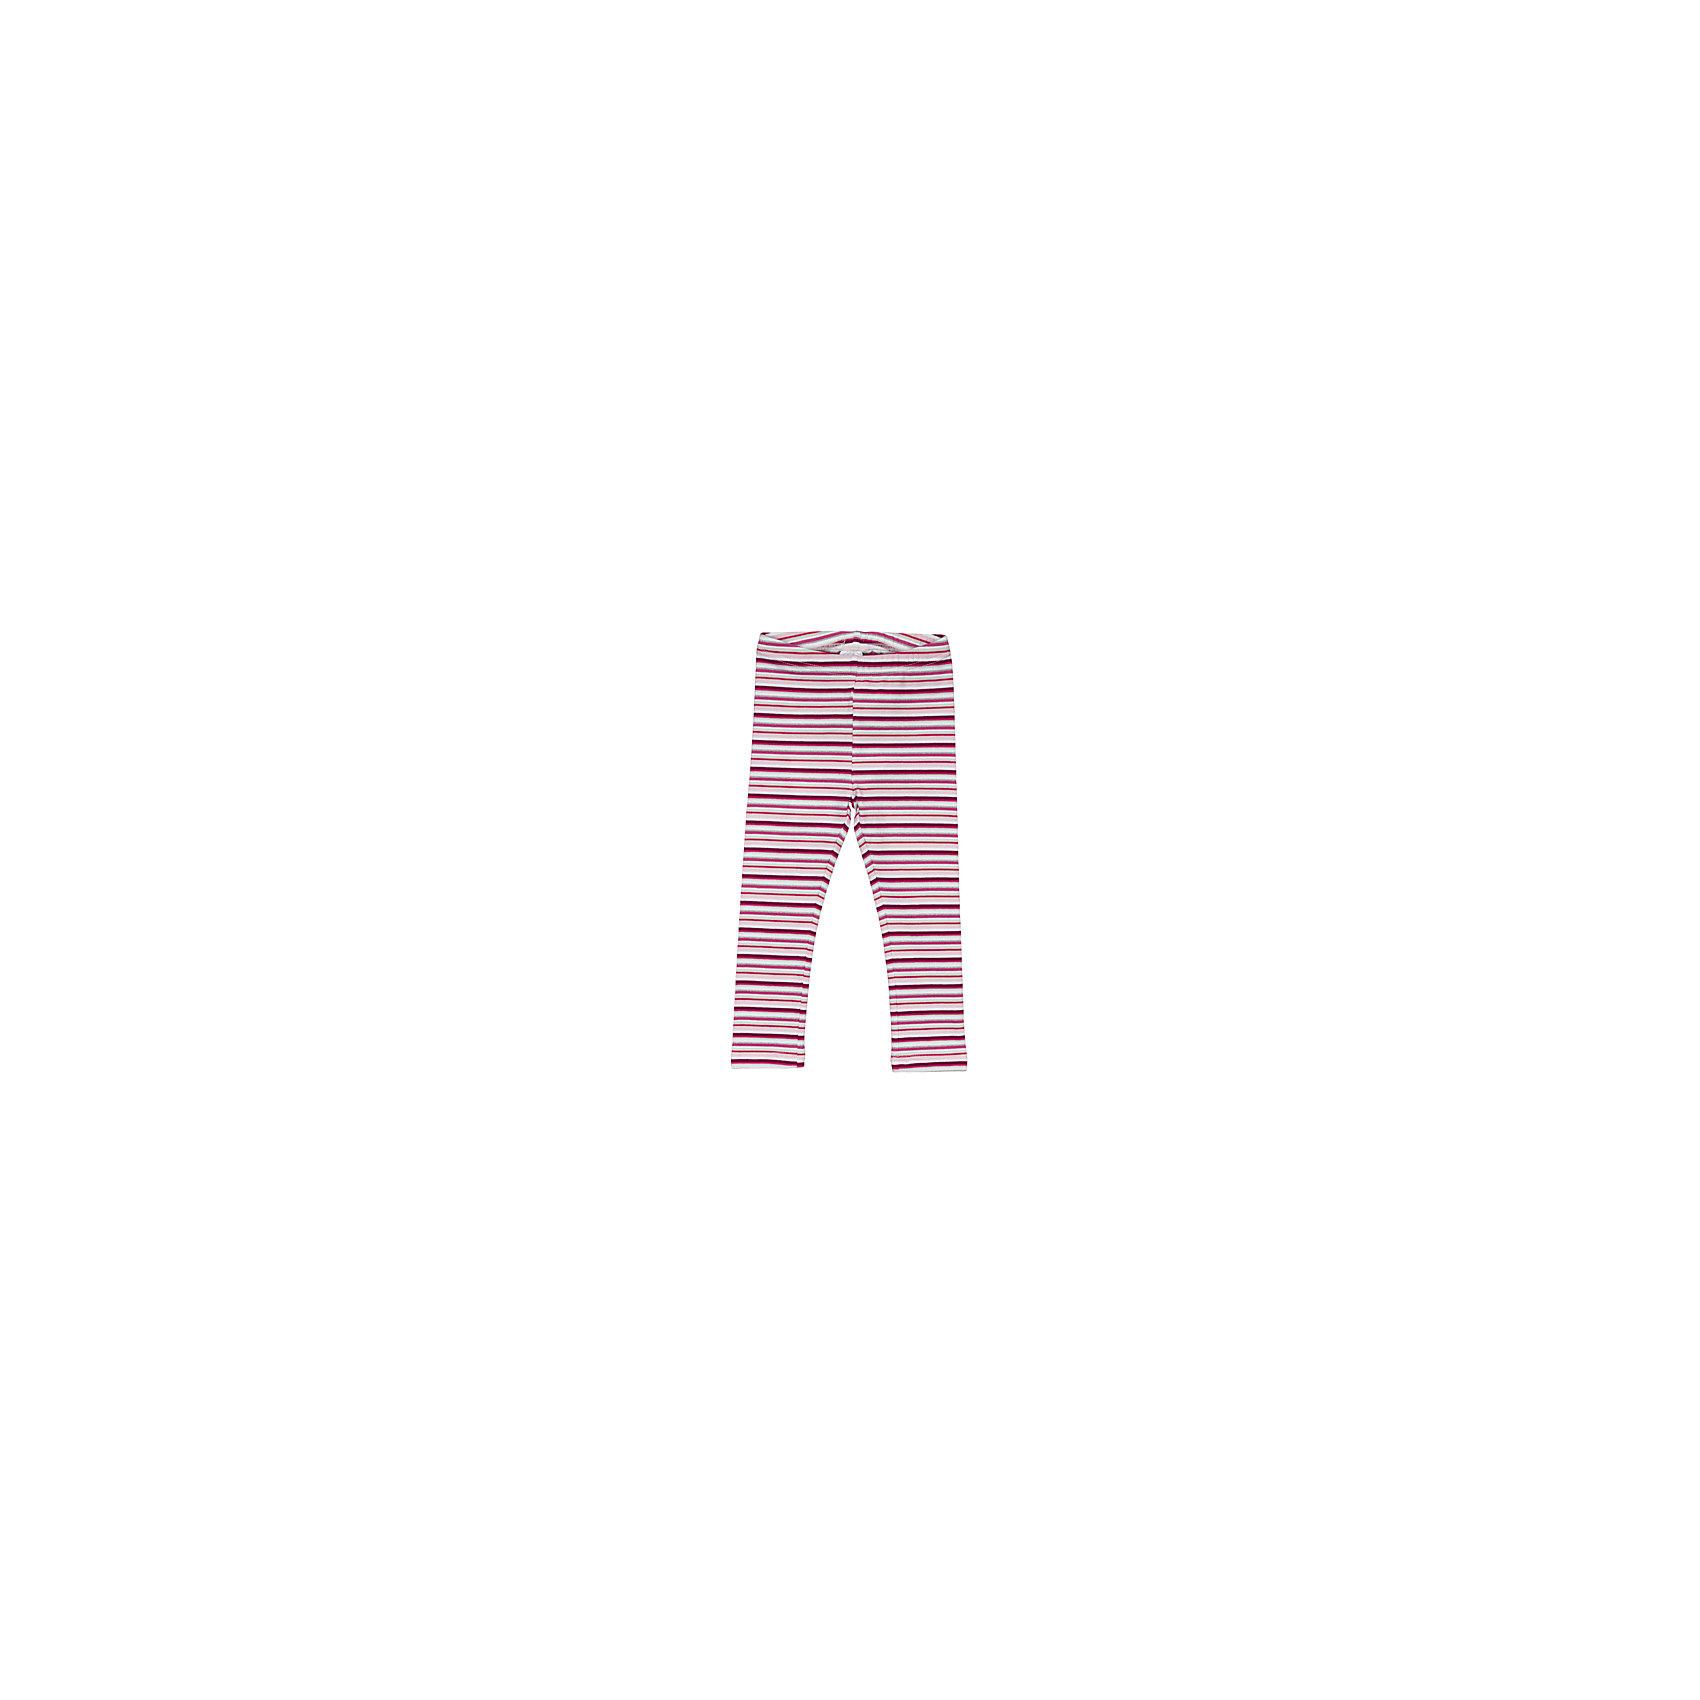 Брюки для девочки PlayTodayБрюки для девочки от известного бренда PlayToday.<br>Стильные полосатые леггинсы из эластичного трикотажа. Пояс на мягкой резинке.<br>Состав:<br>95% хлопок, 5% эластан<br><br>Ширина мм: 157<br>Глубина мм: 13<br>Высота мм: 119<br>Вес г: 200<br>Цвет: розовый<br>Возраст от месяцев: 18<br>Возраст до месяцев: 24<br>Пол: Женский<br>Возраст: Детский<br>Размер: 92,86,80,74<br>SKU: 4900801